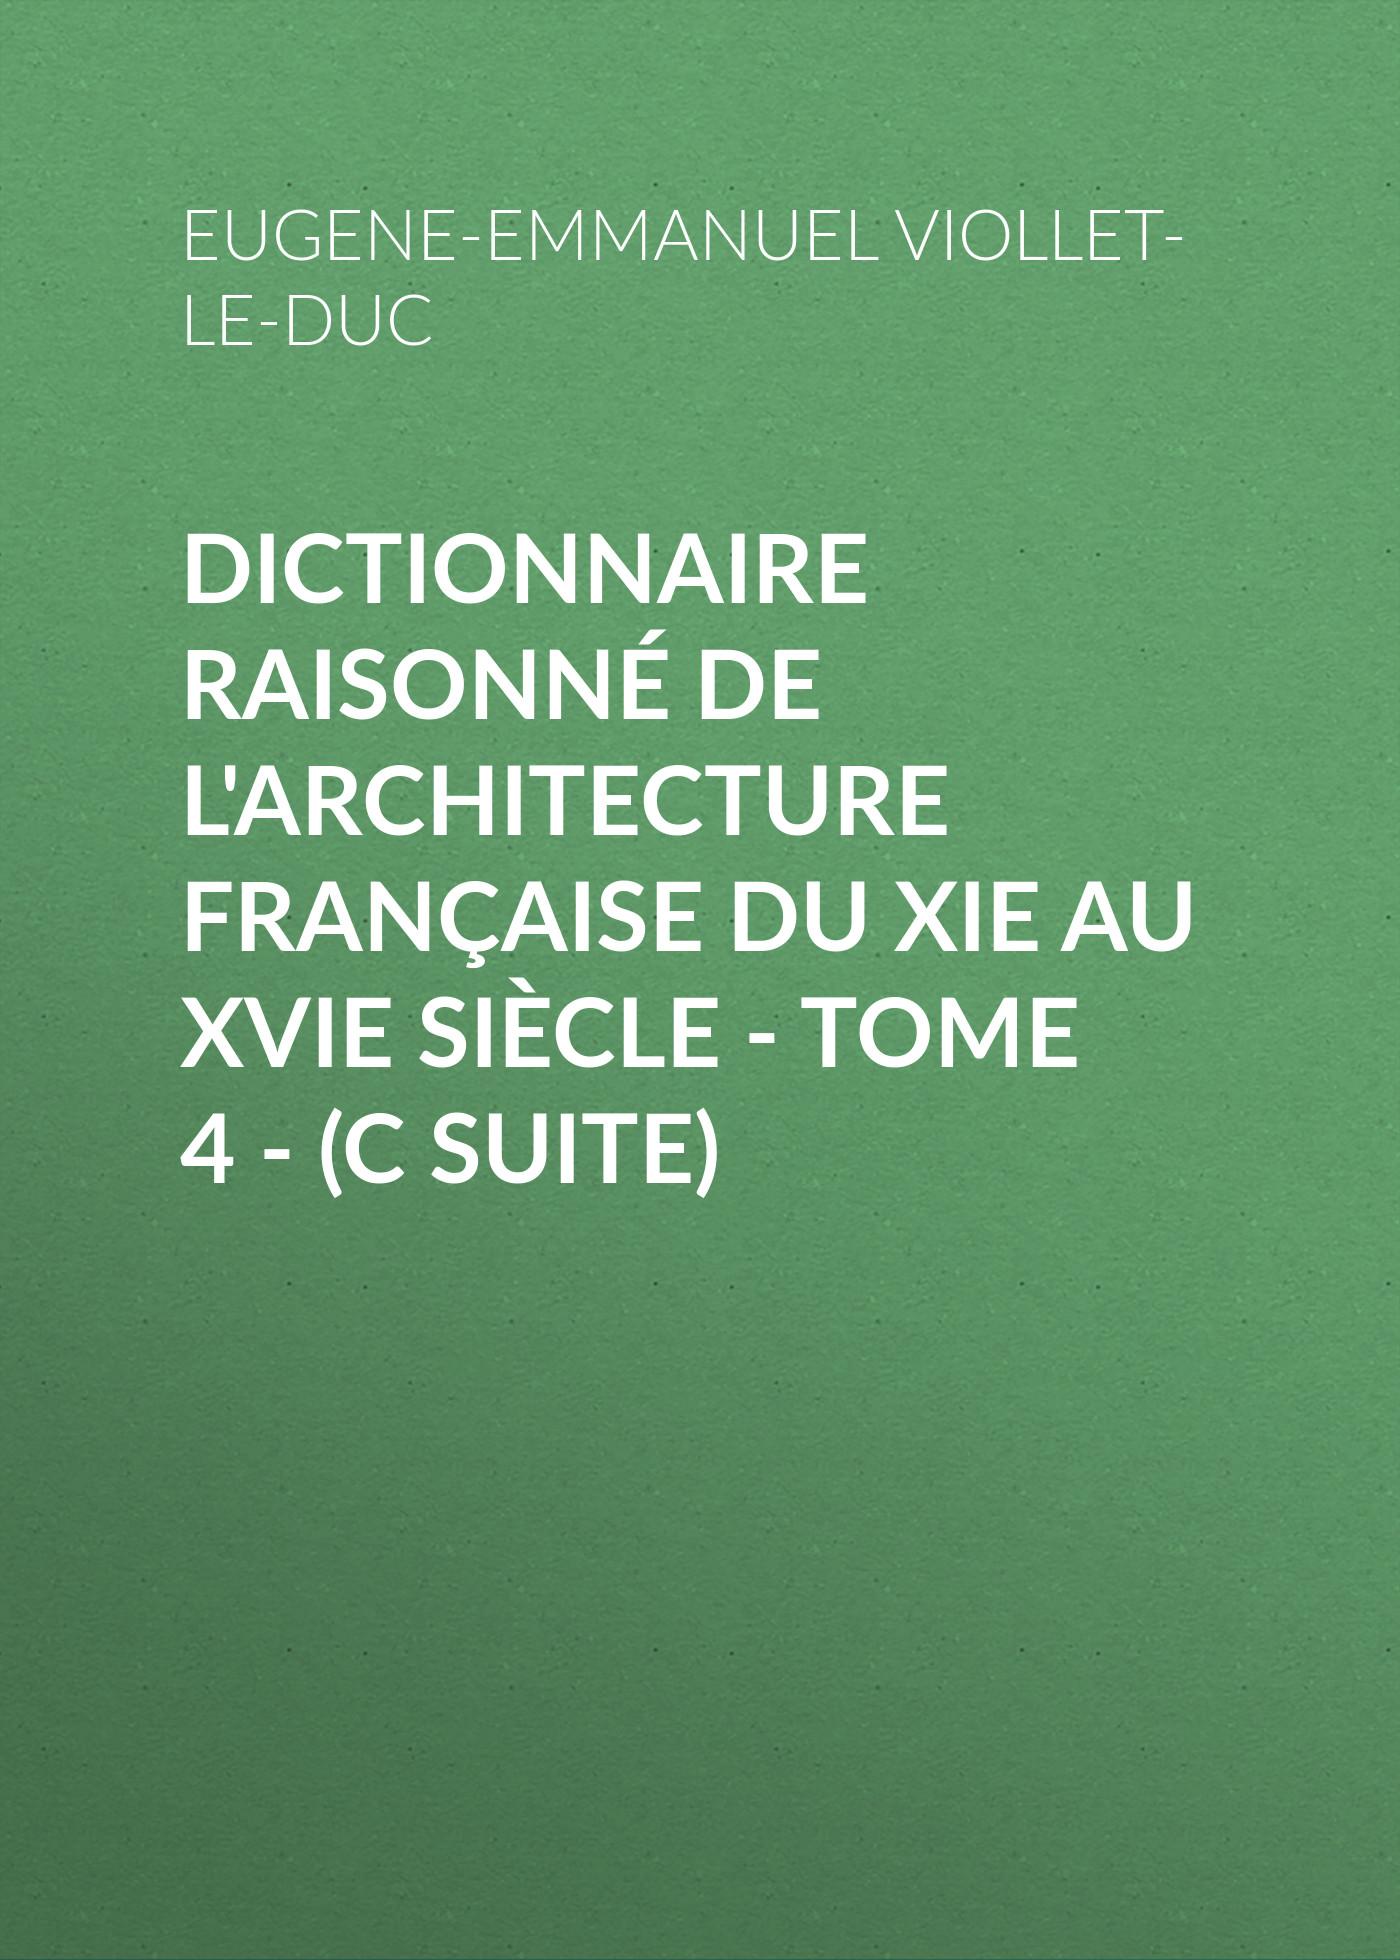 Eugene-Emmanuel Viollet-le-Duc Dictionnaire raisonné de l'architecture française du XIe au XVIe siècle - Tome 4 - (C suite)